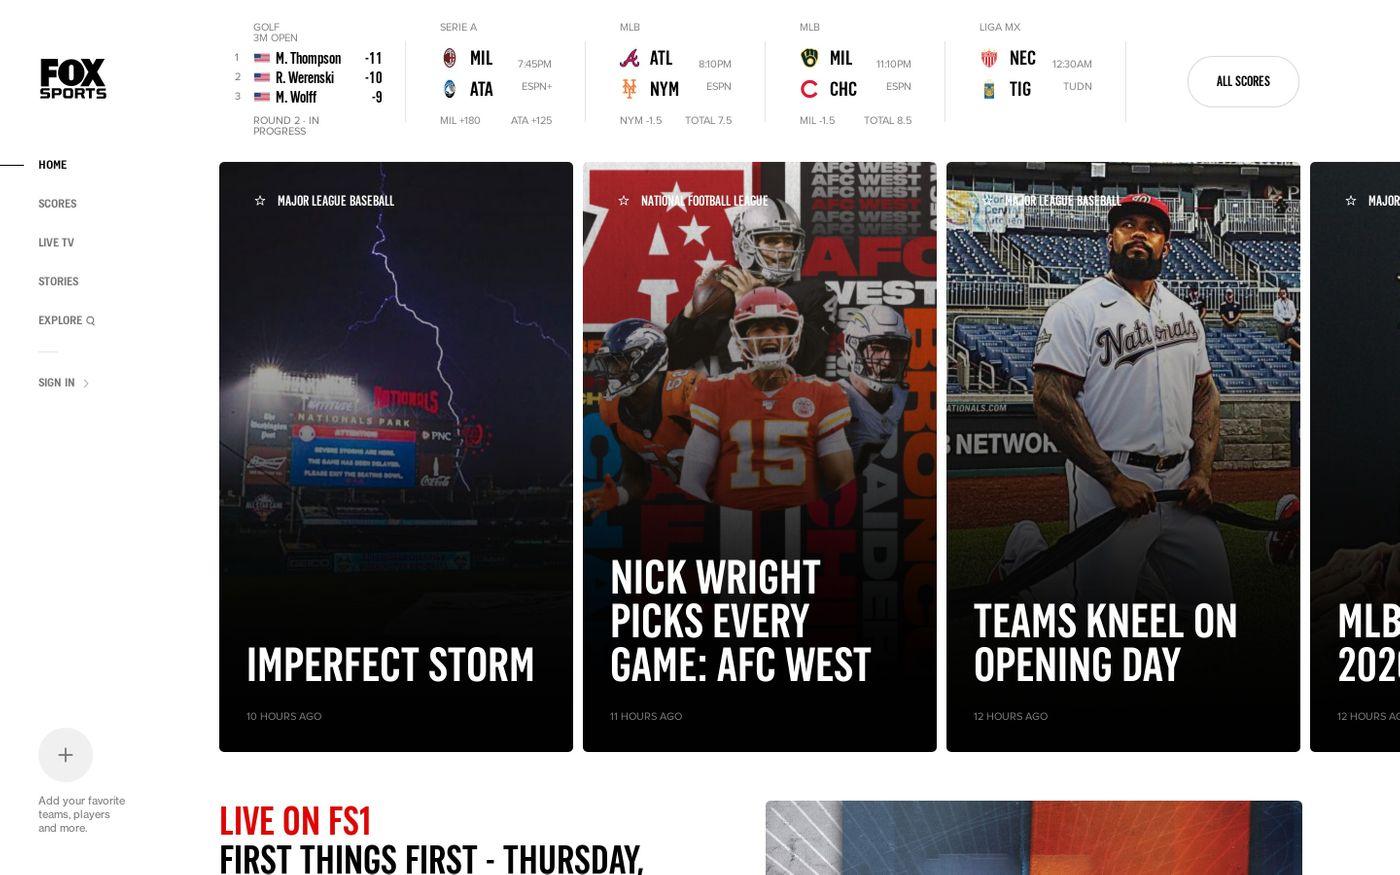 Screenshot of FOX Sports website